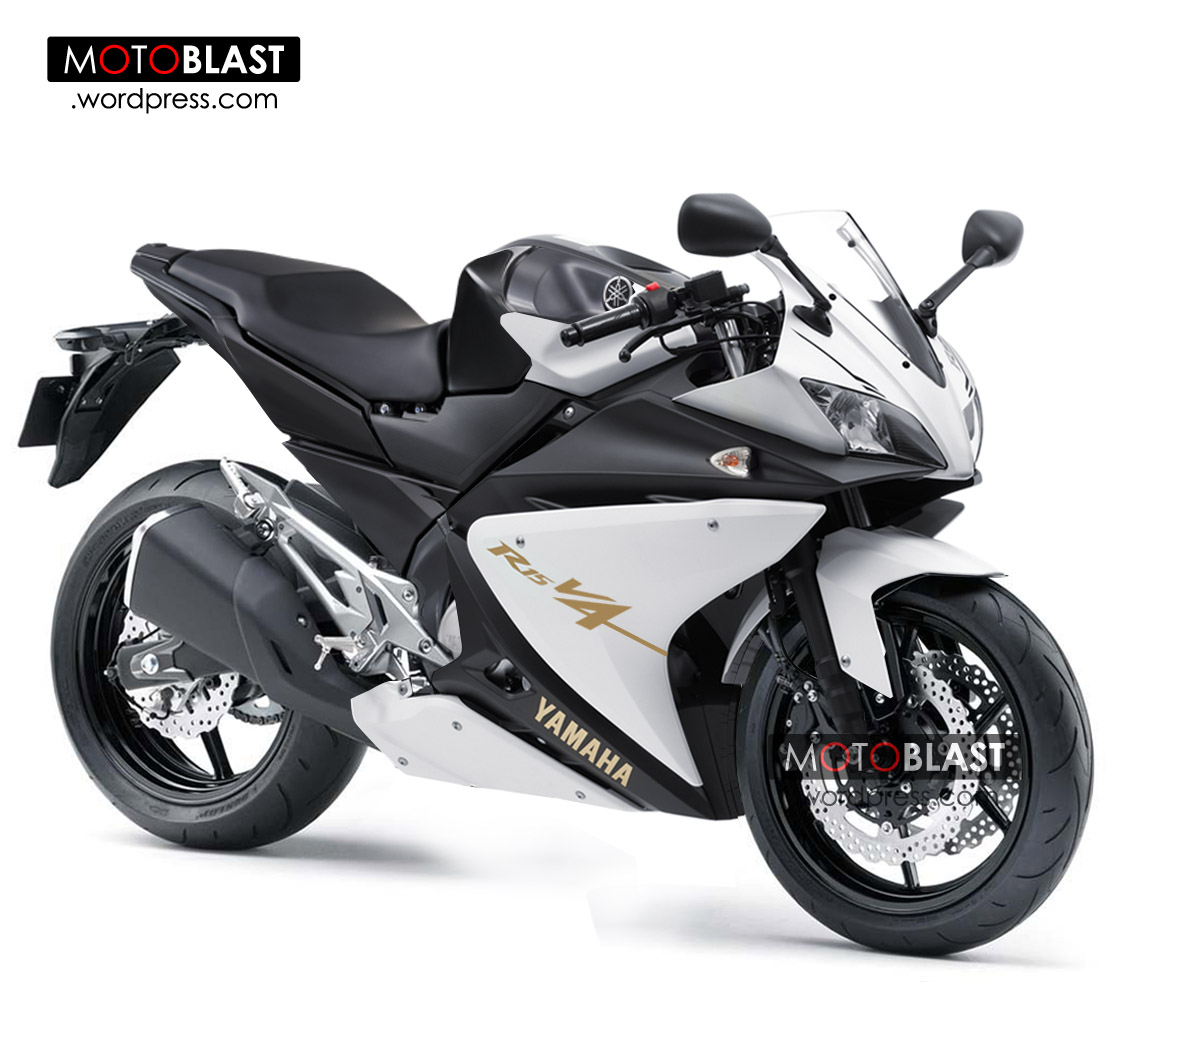 New Vixion adalah Generasi Next Yamaha R250 V 4.0 Terbaru